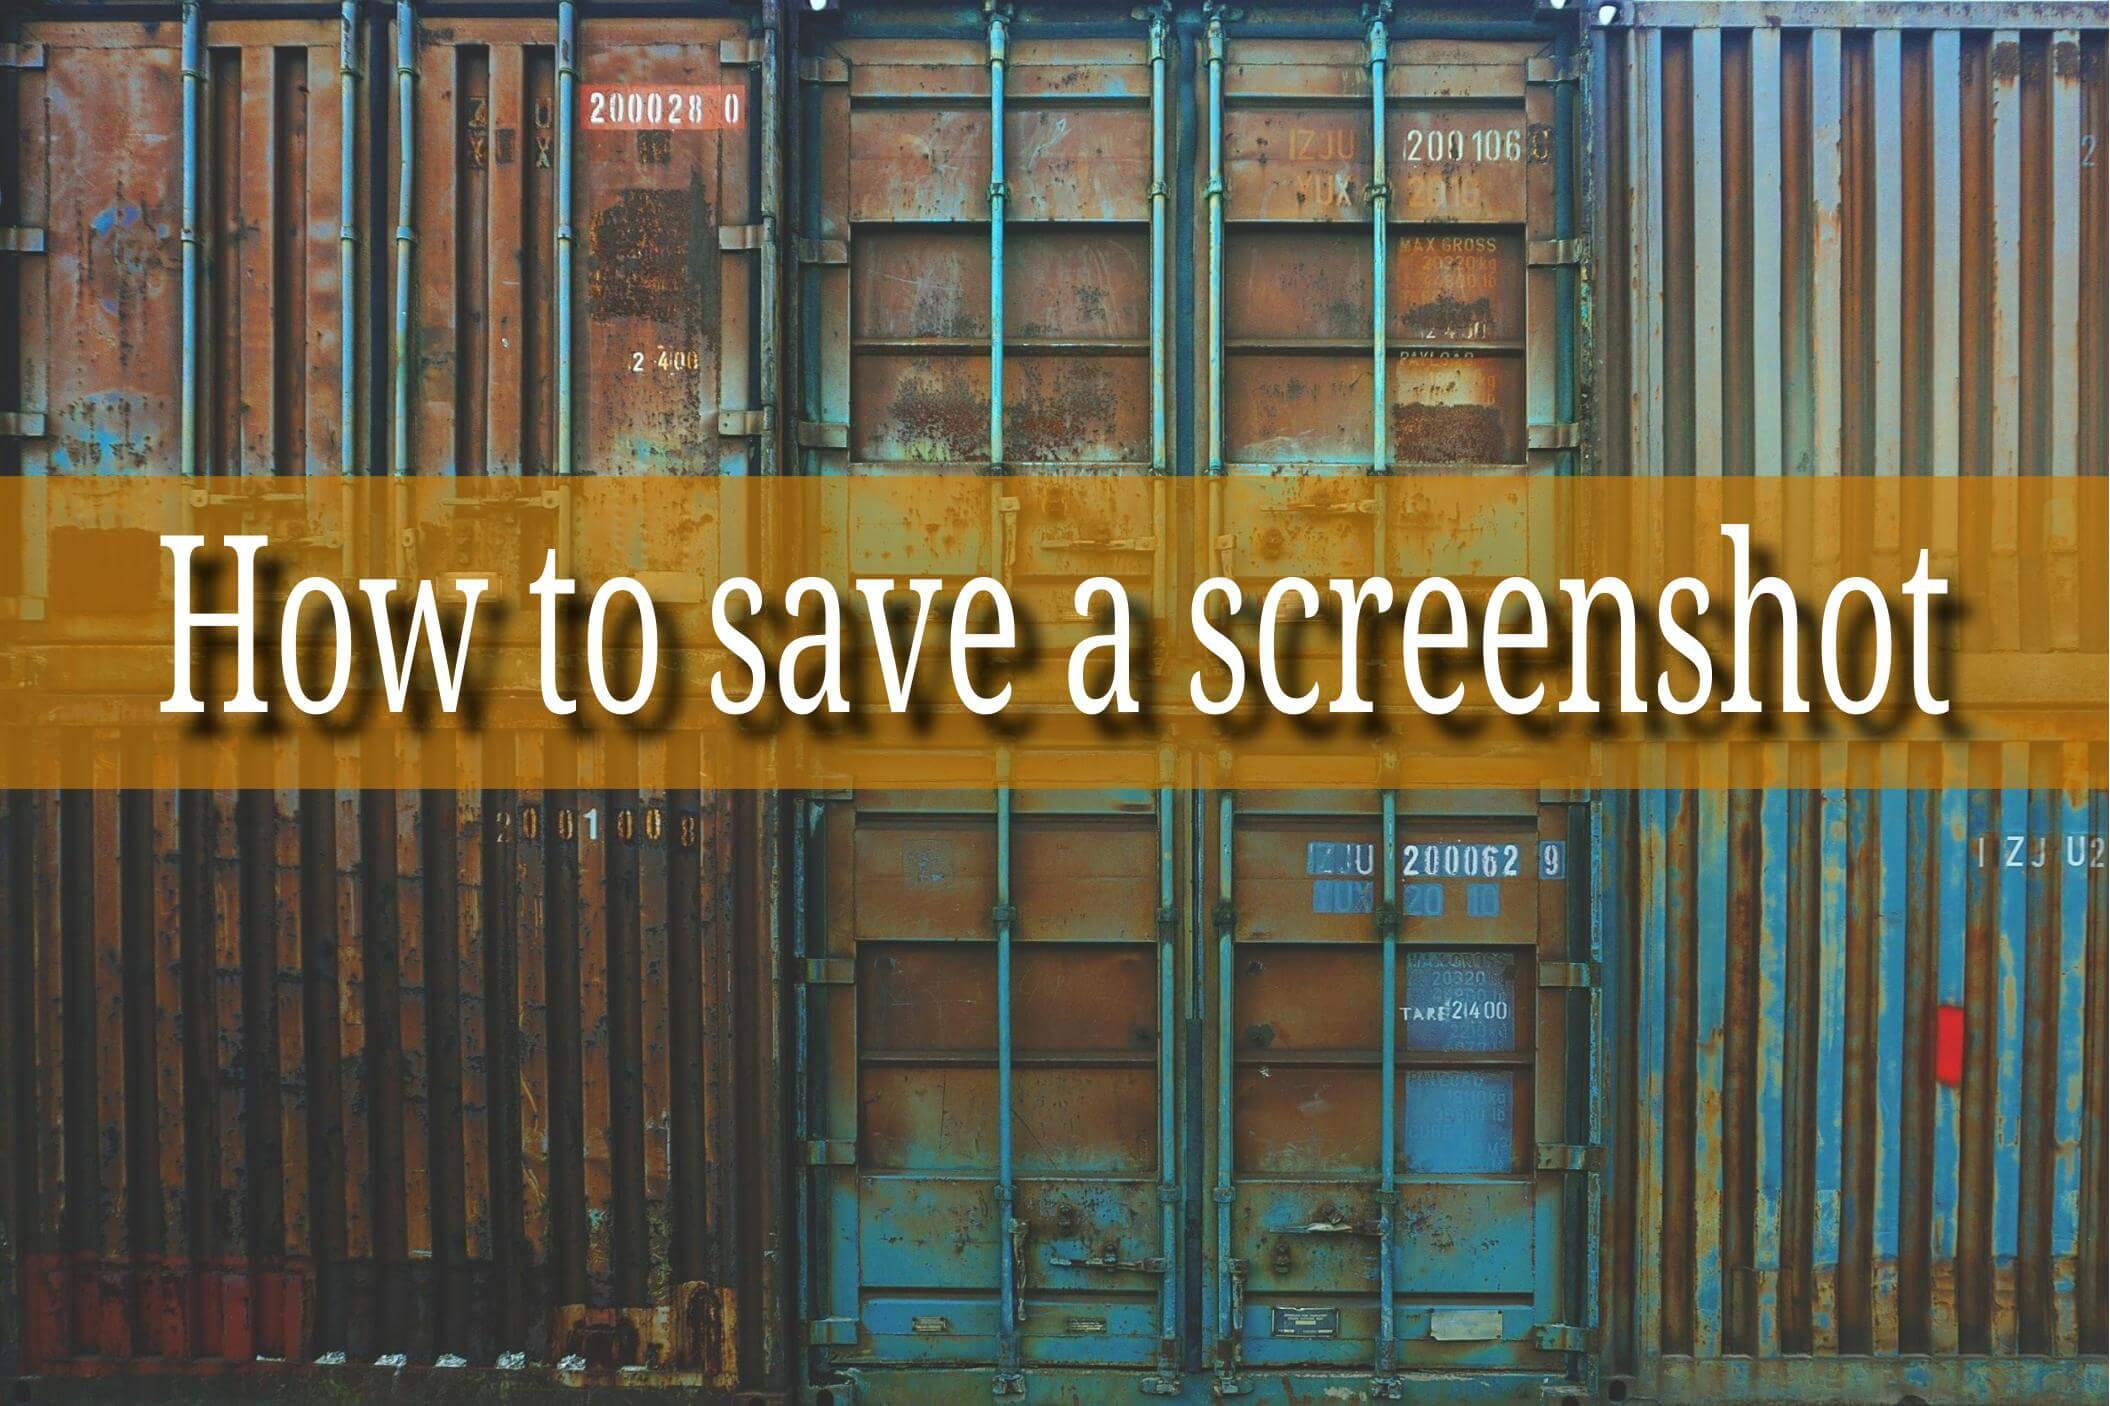 錆びれたコンテナ群 テキスト「How to save a screenshot」